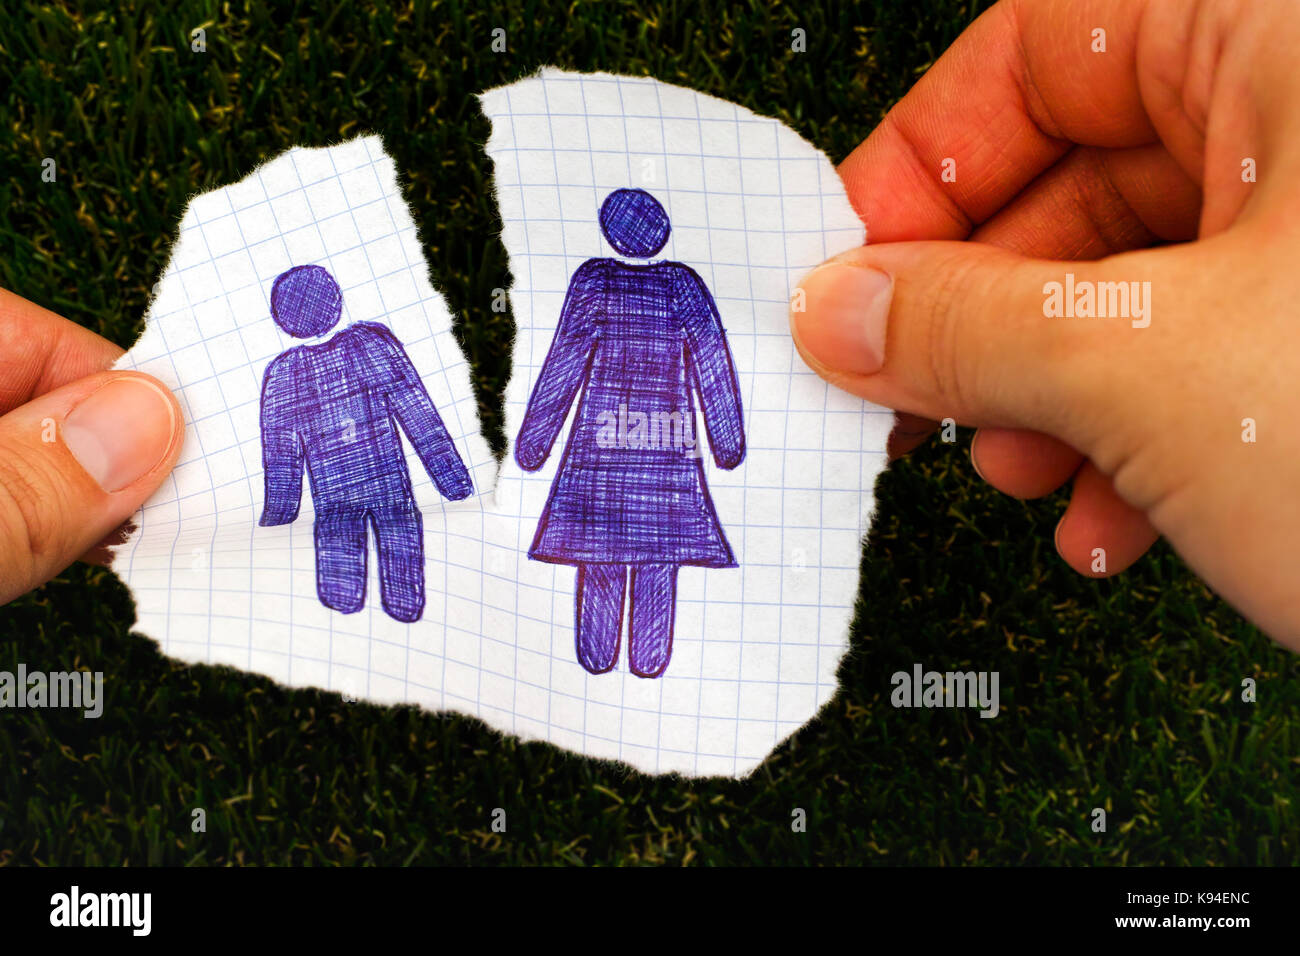 Mujer manos ripping trozo de papel con mano hombre y mujer cifras. hierba. doodle estilo de fondo. Imagen De Stock